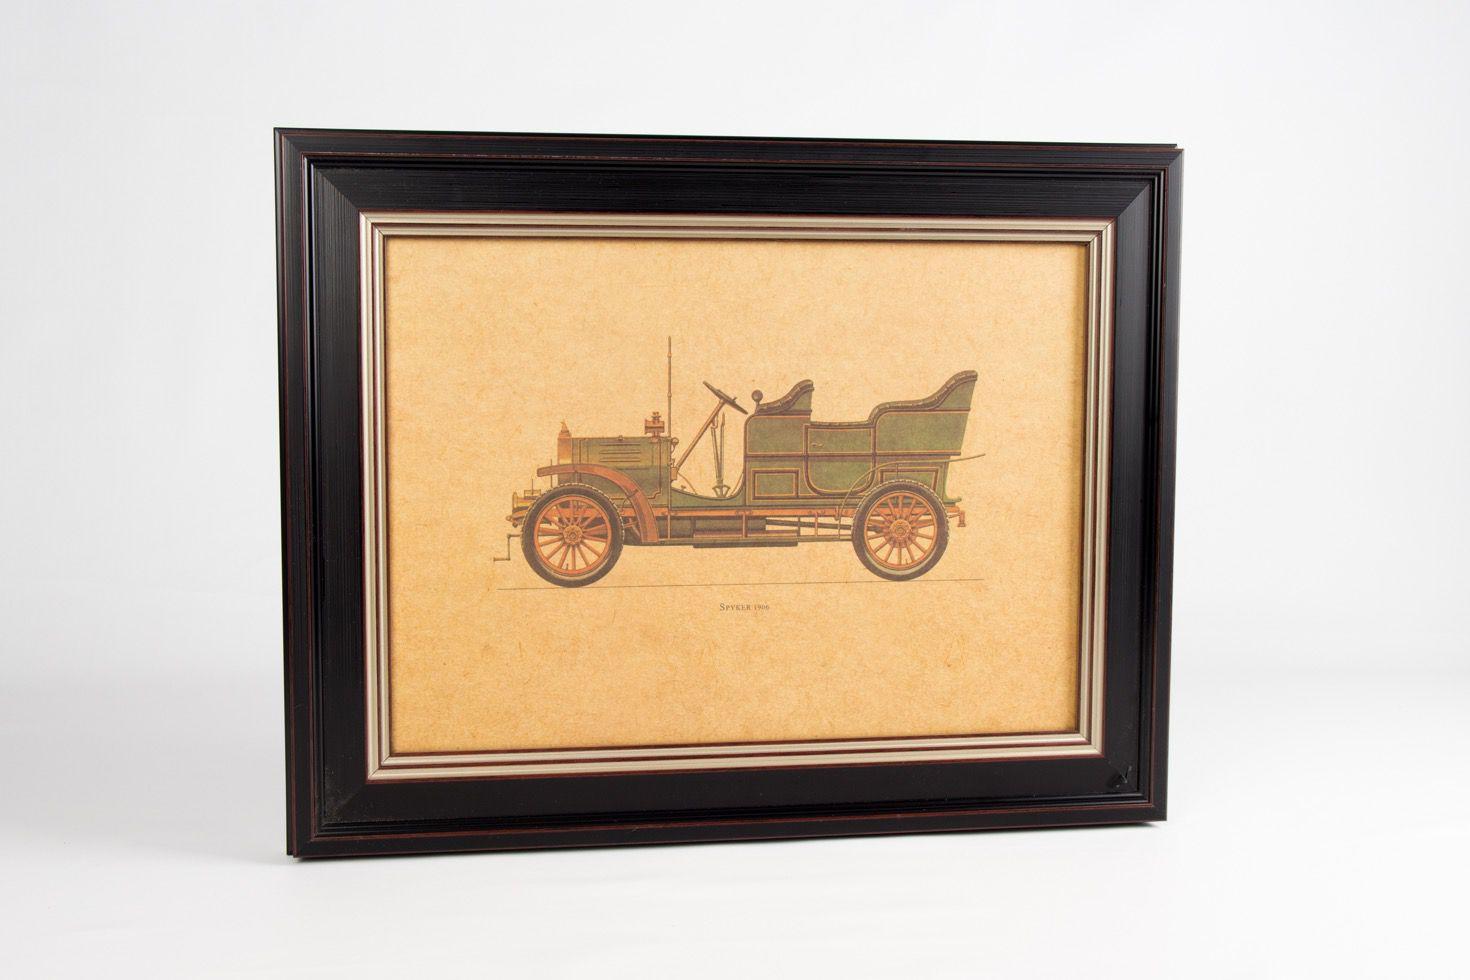 Quadro Preto Spyker 1906